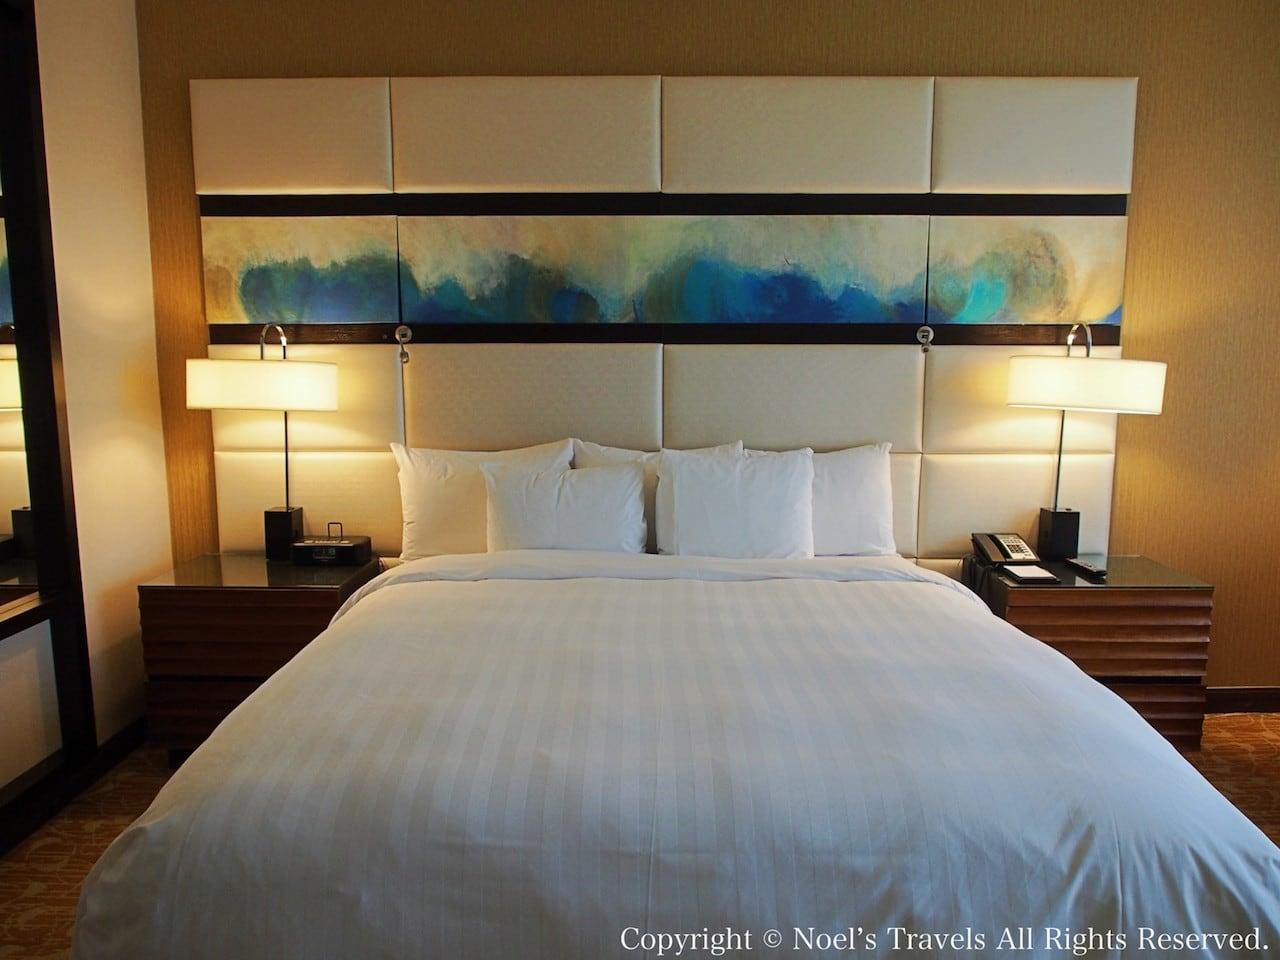 The LA グランドホテル・ダウンタウンのベッド